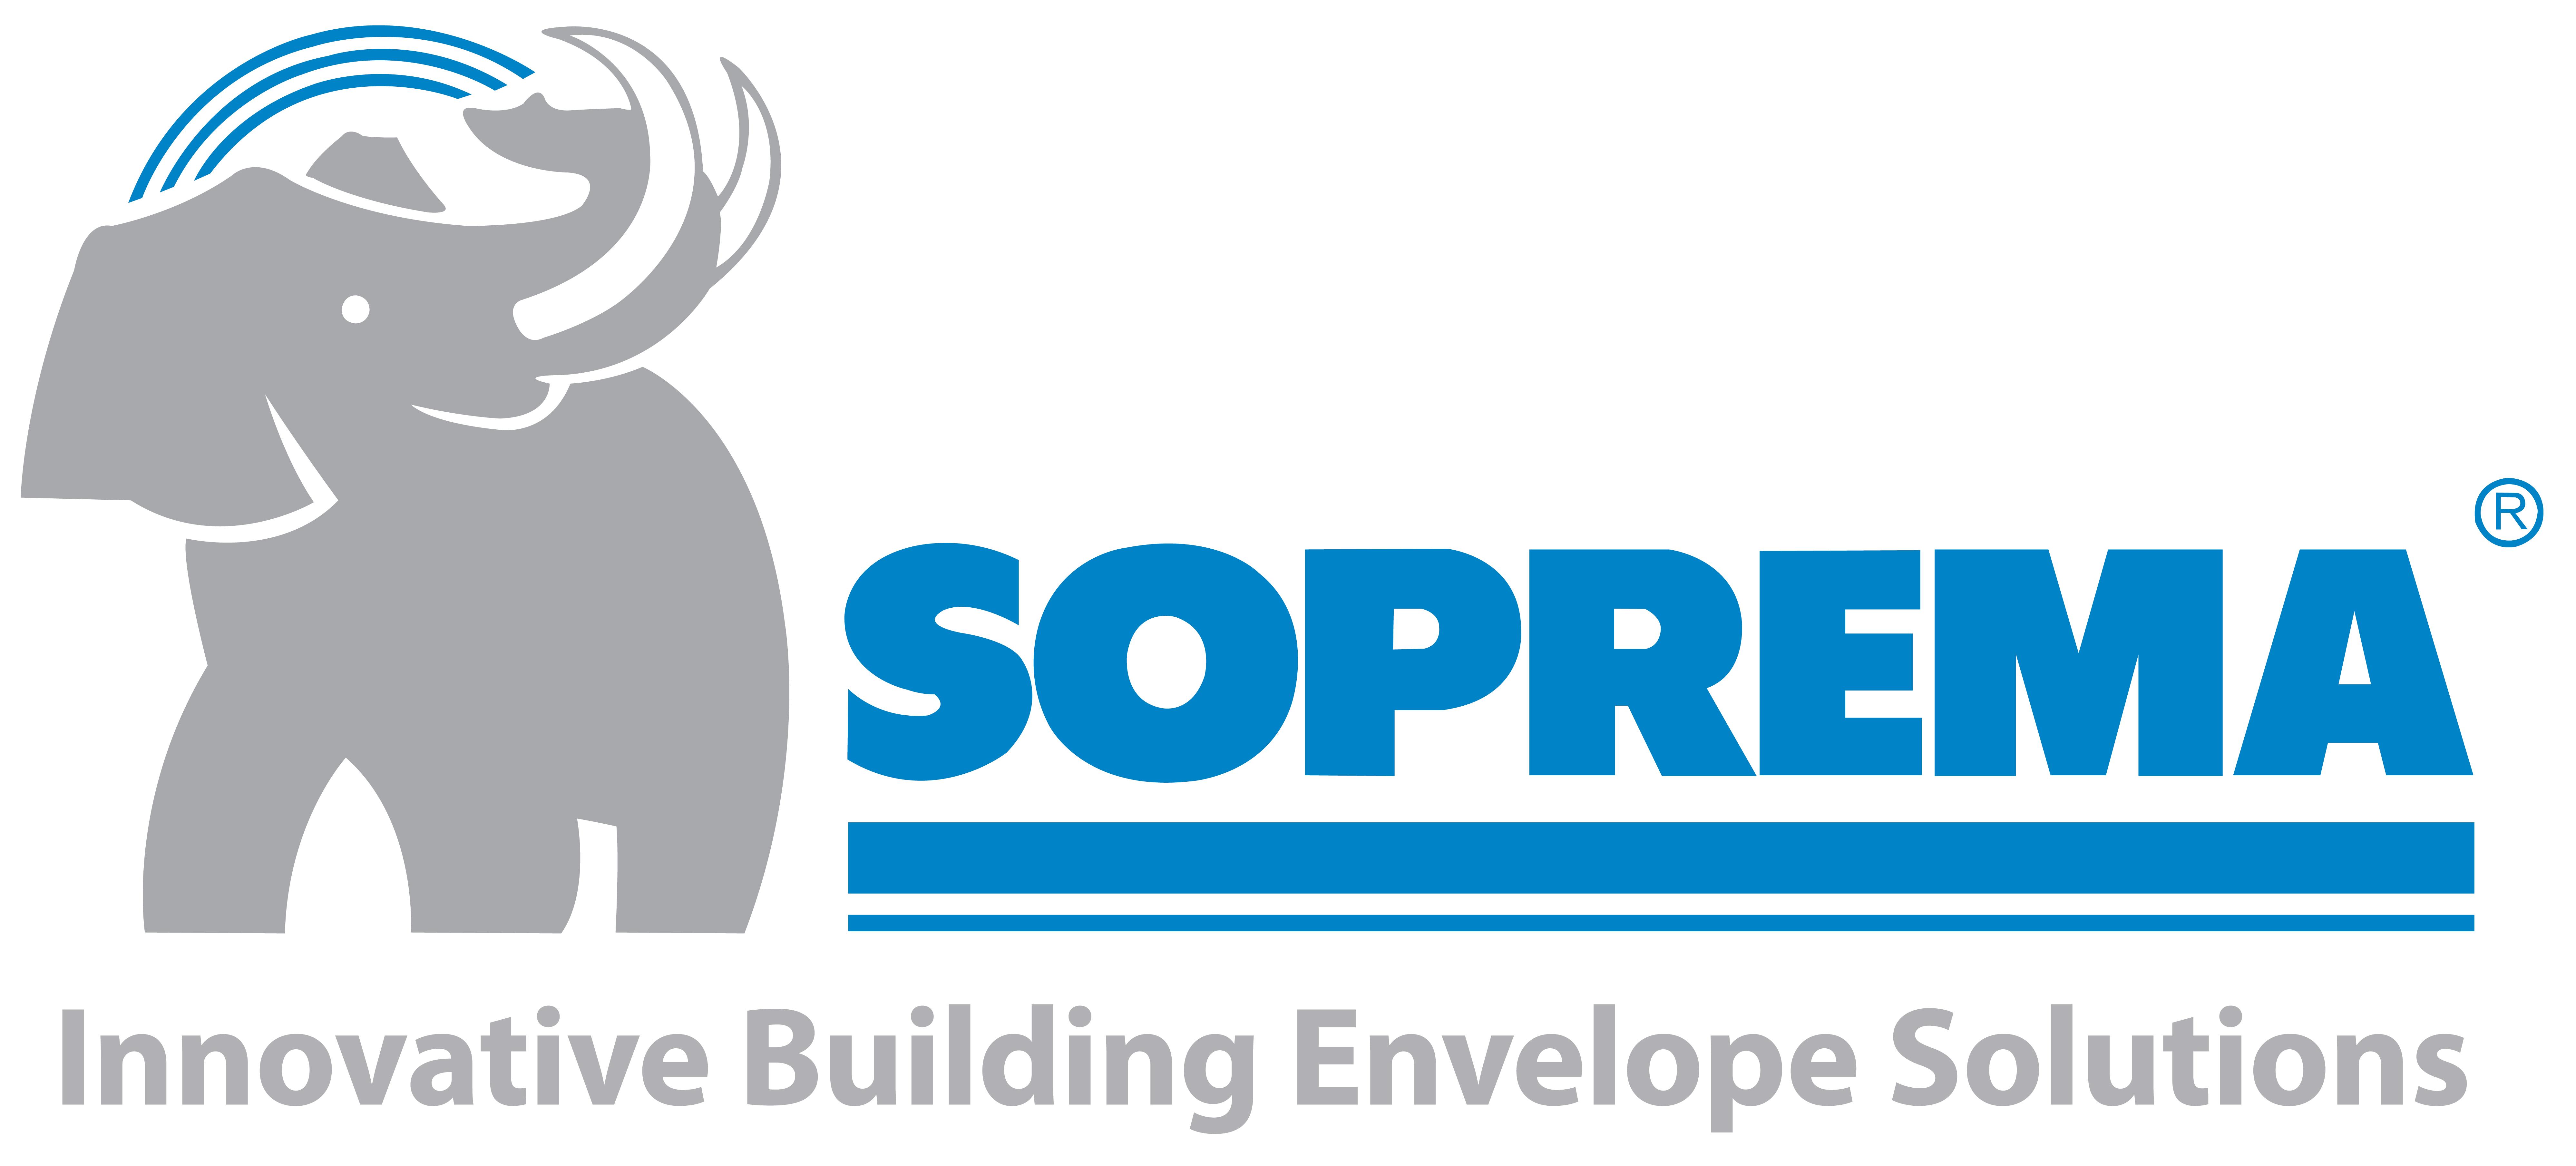 BEC Roofing - Soprema logo